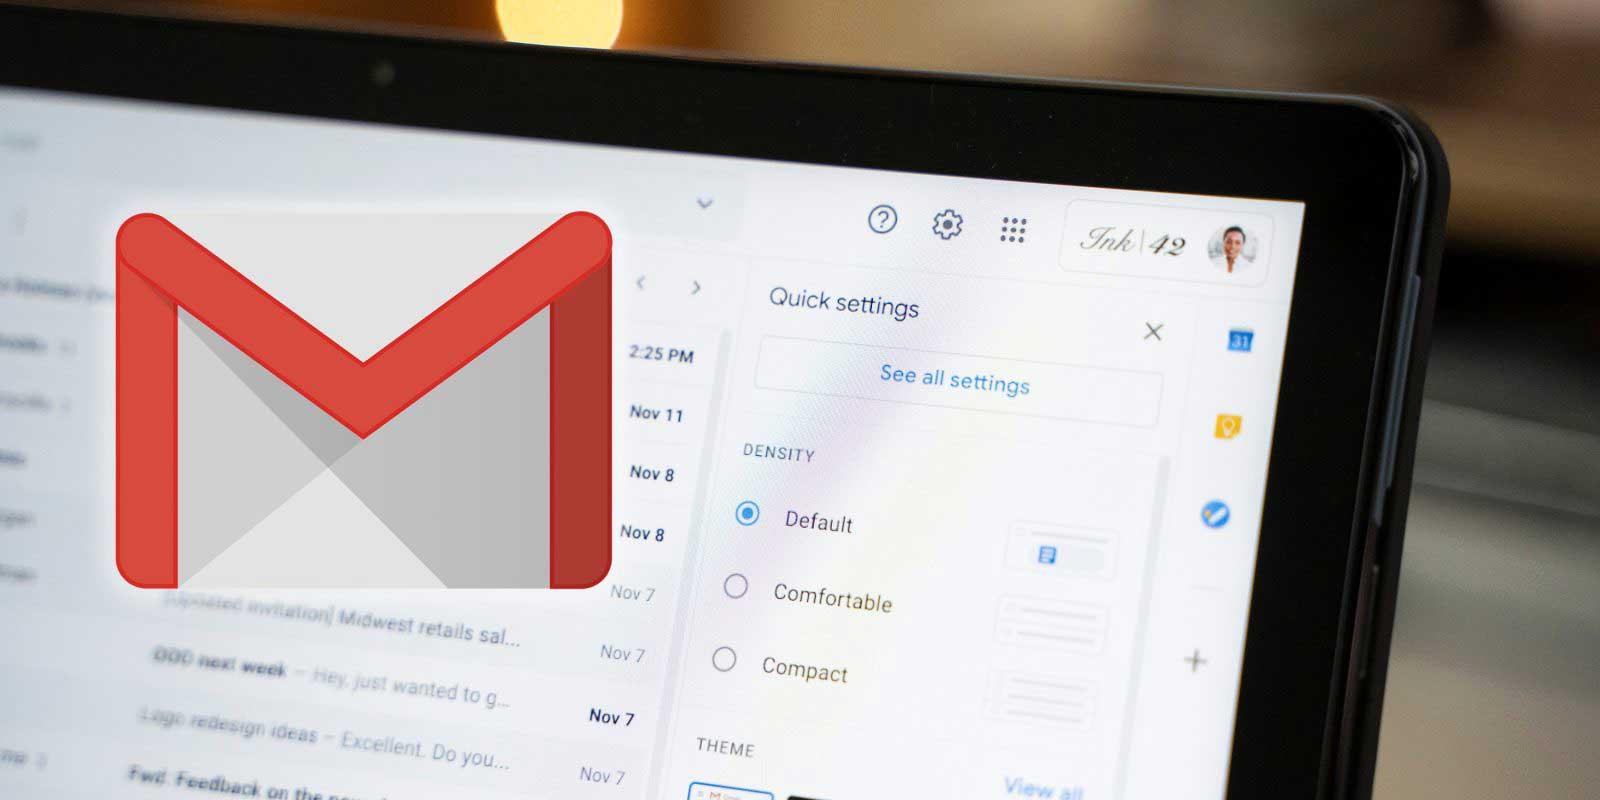 منو تنظیمات Gmail ساده و قابل درکتر شد